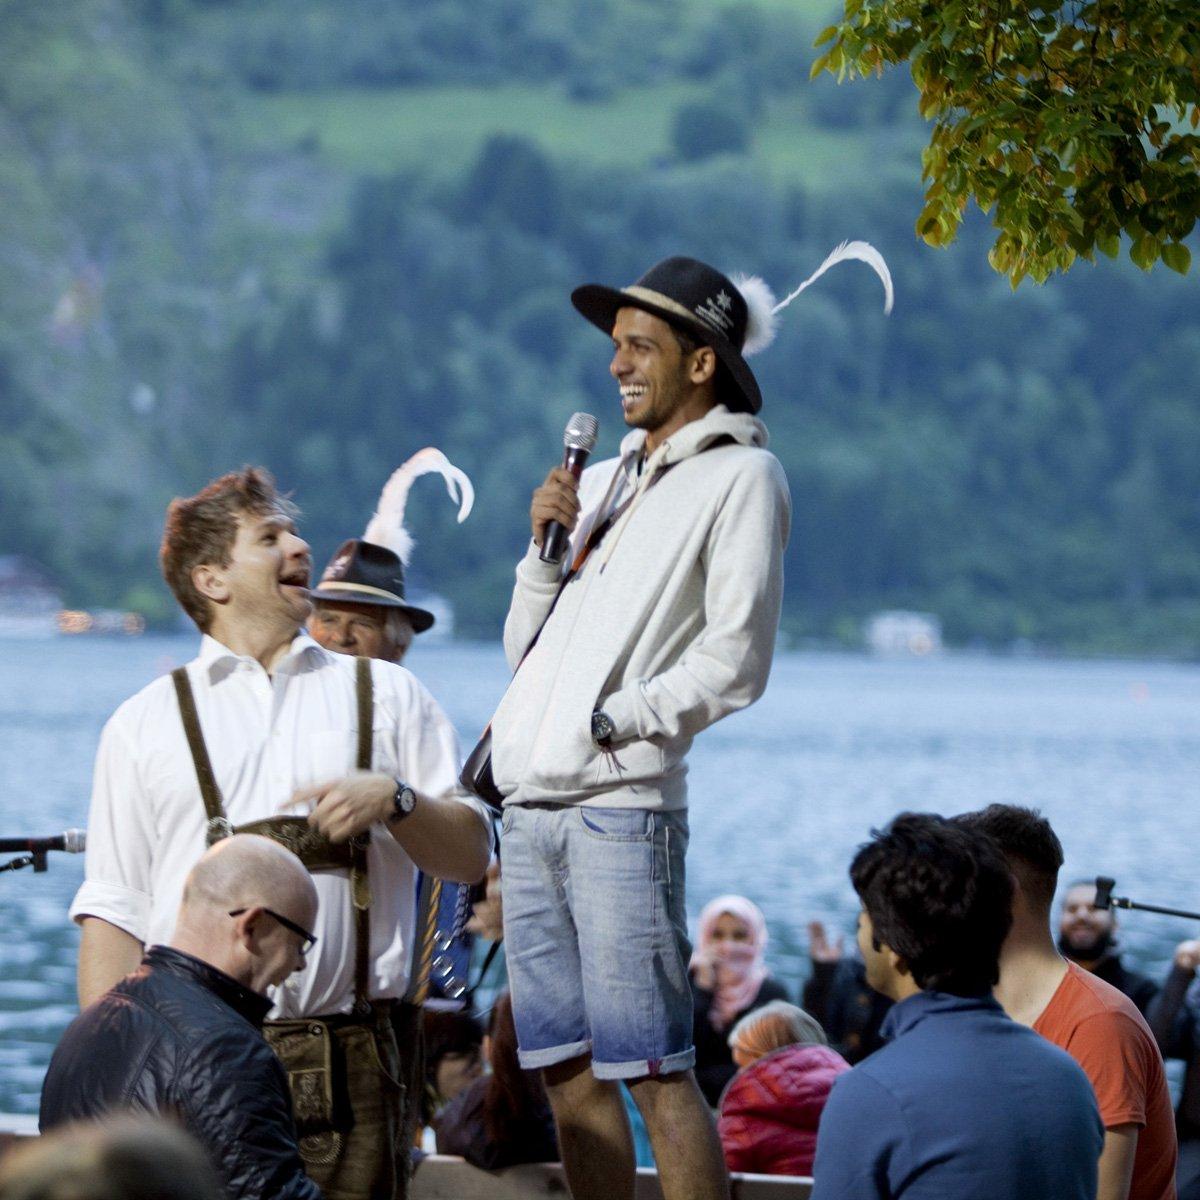 Turistas do Oriente Médio invadem cidade idílica alpina para escapar do calor do verão escaldante 09